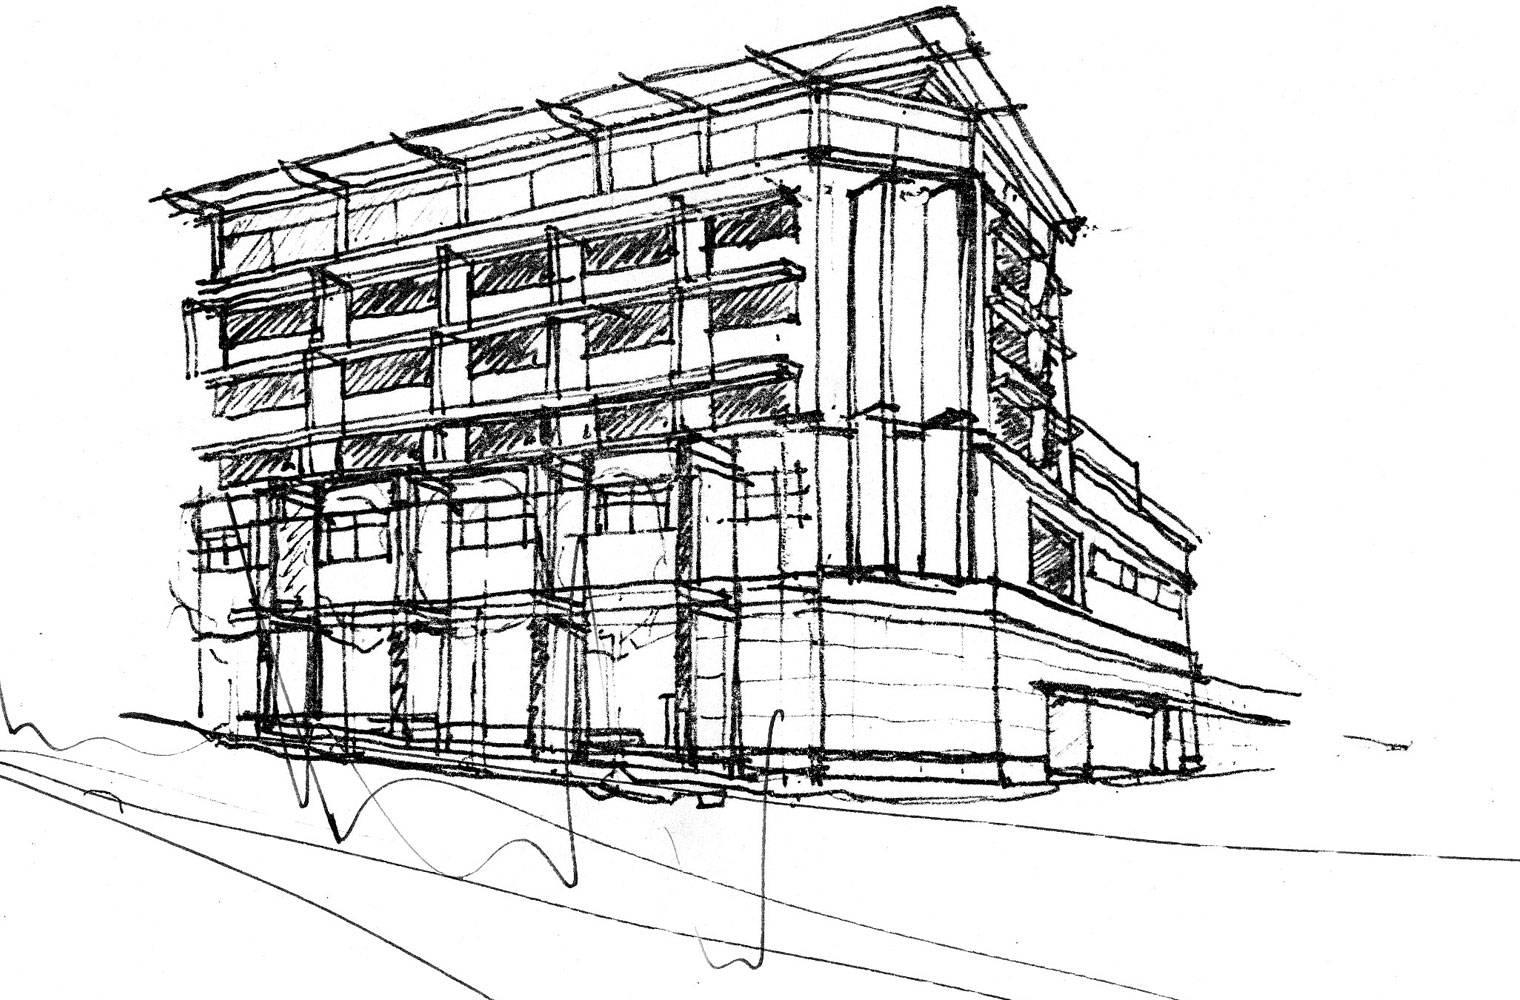 Centrepoint - Facade Sketch